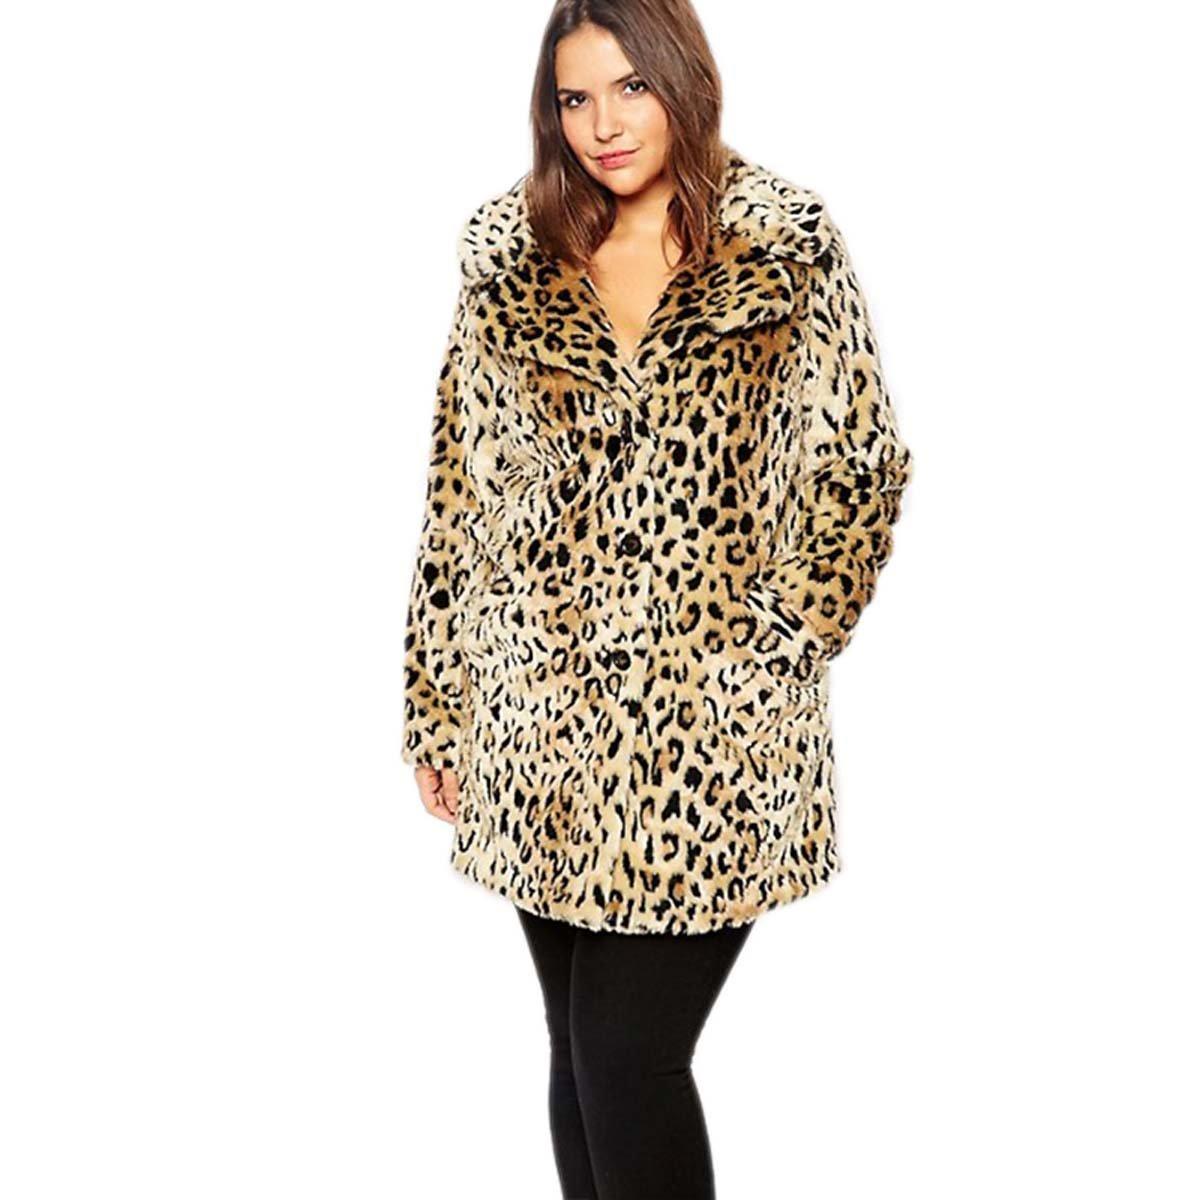 Women Plus Size Leopard Print Faux Fur Coat Warm Fur Coats Long Sleeve Slim Outerwear WeHeart